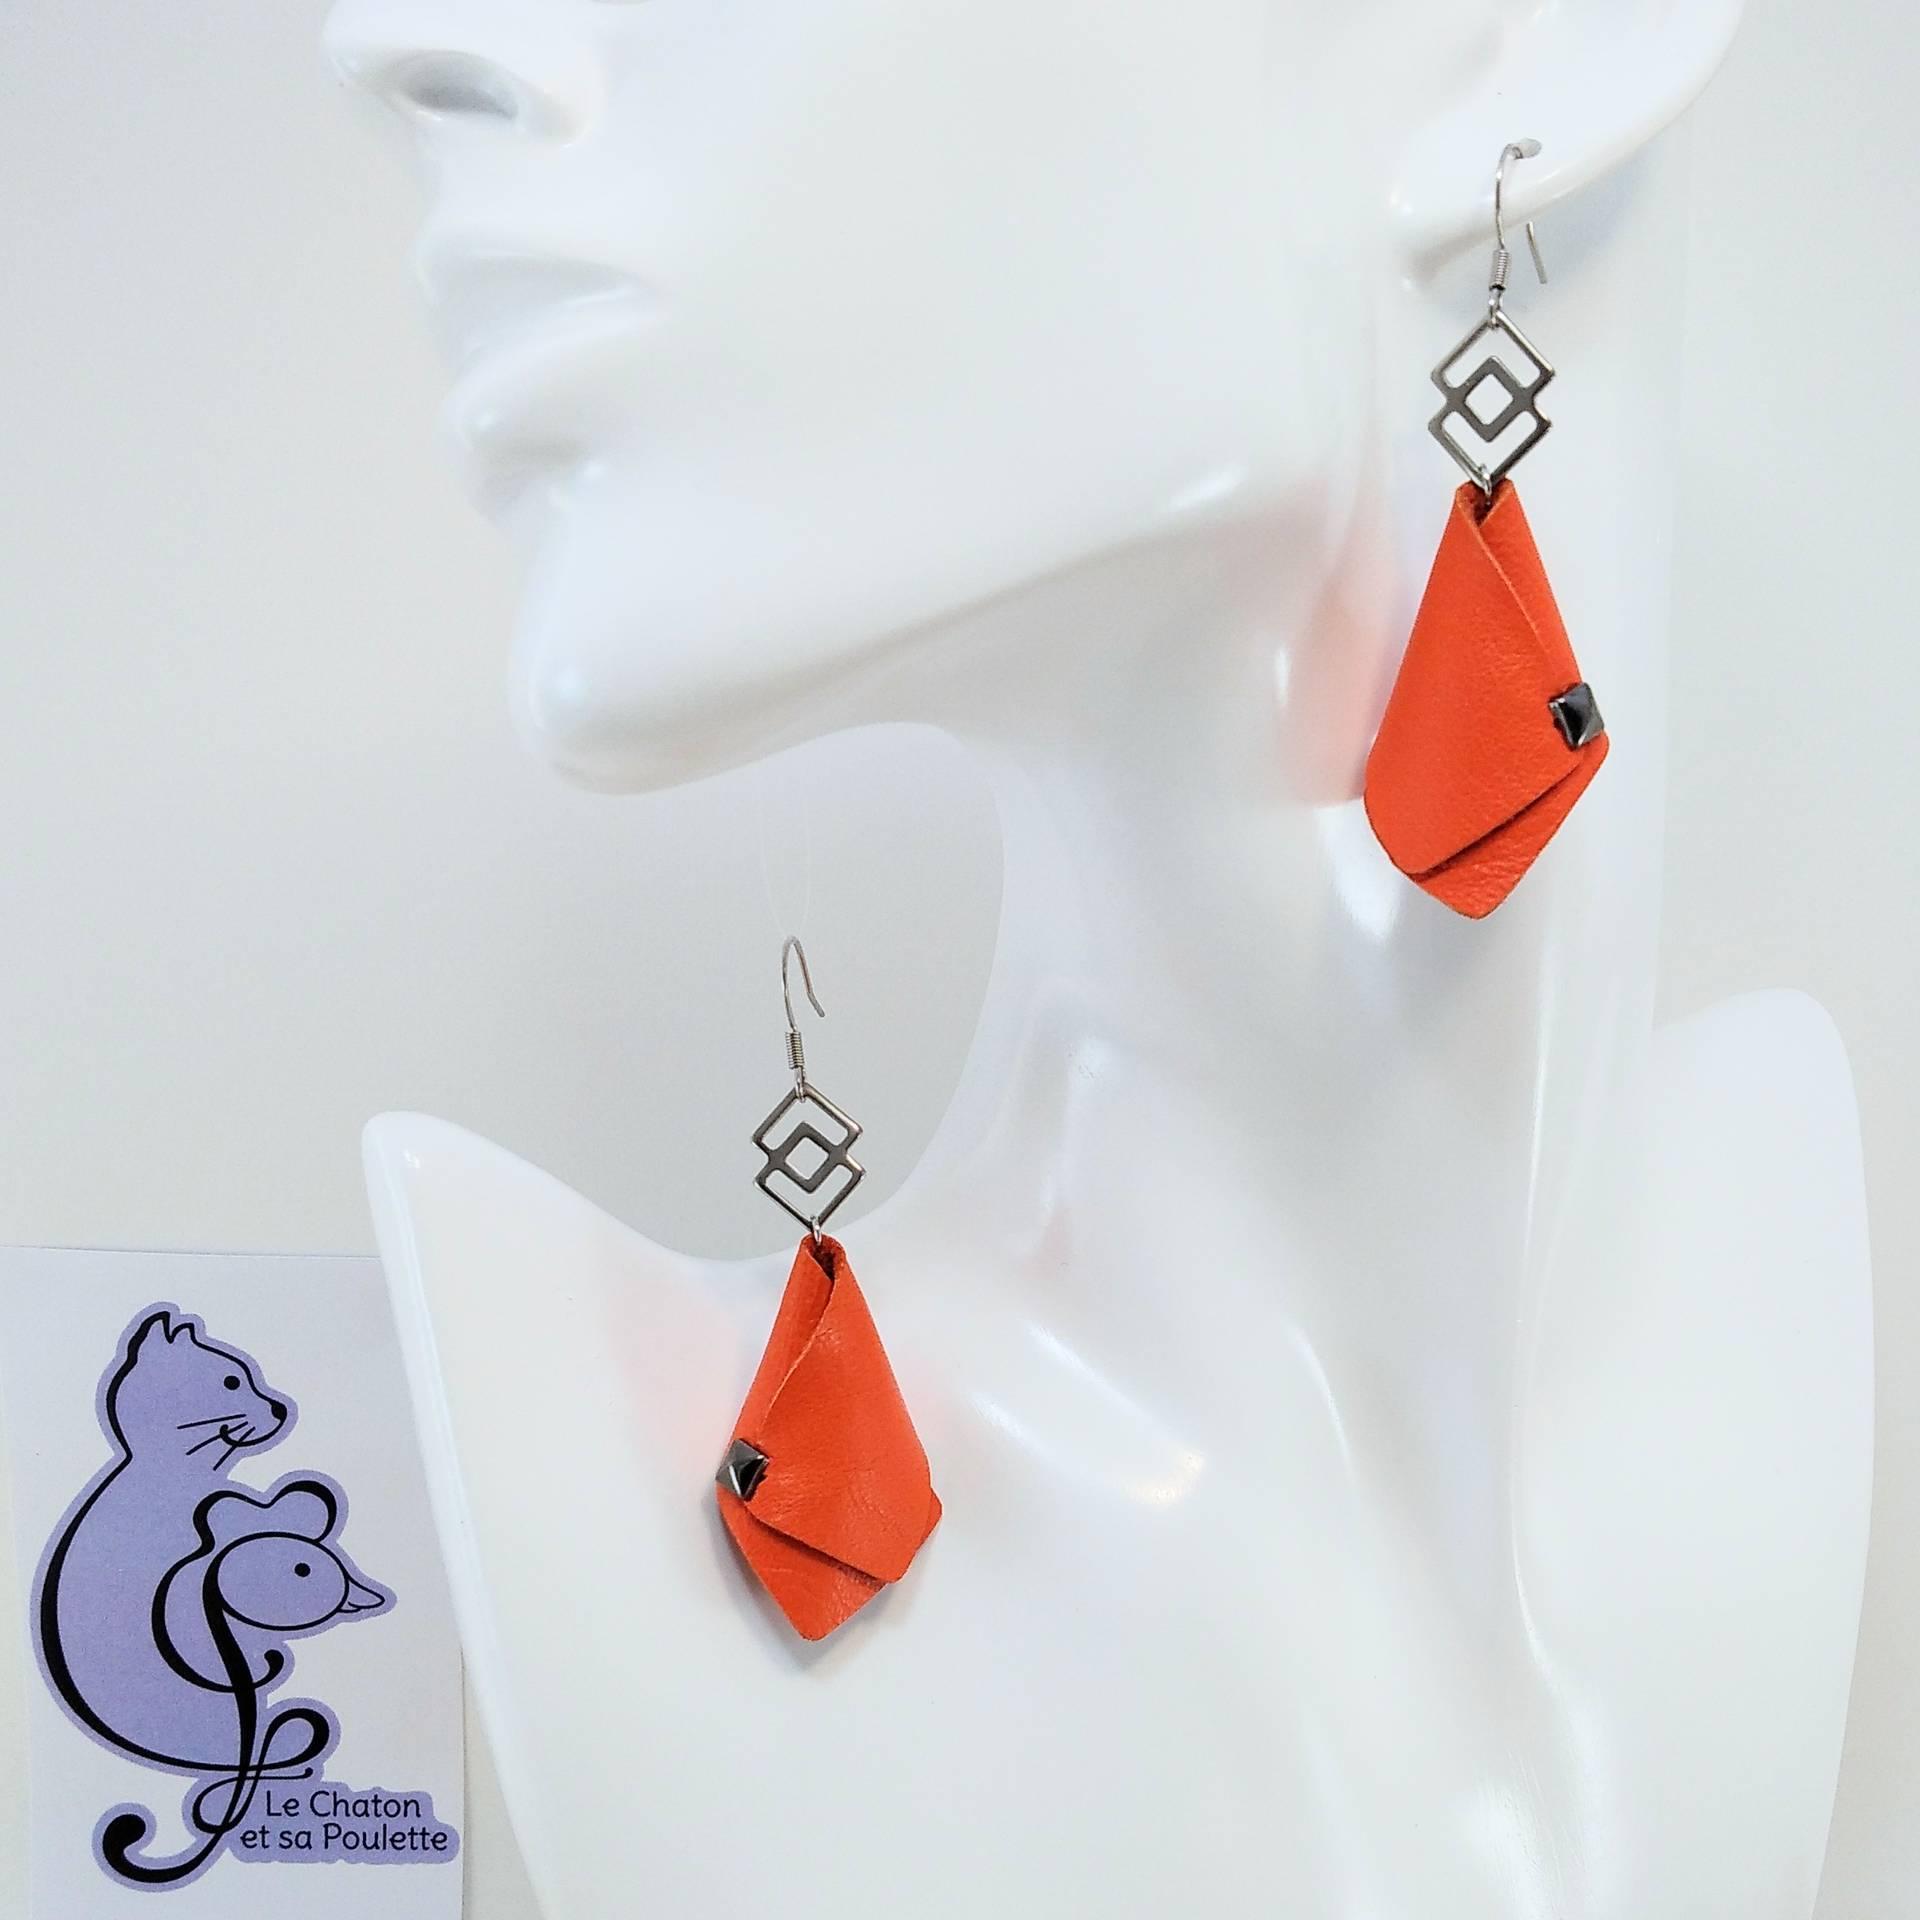 BO FORMIDABLE modèle VAL Cuir orange, breloque inox carrés entrelacés et carré diamant laiton noir